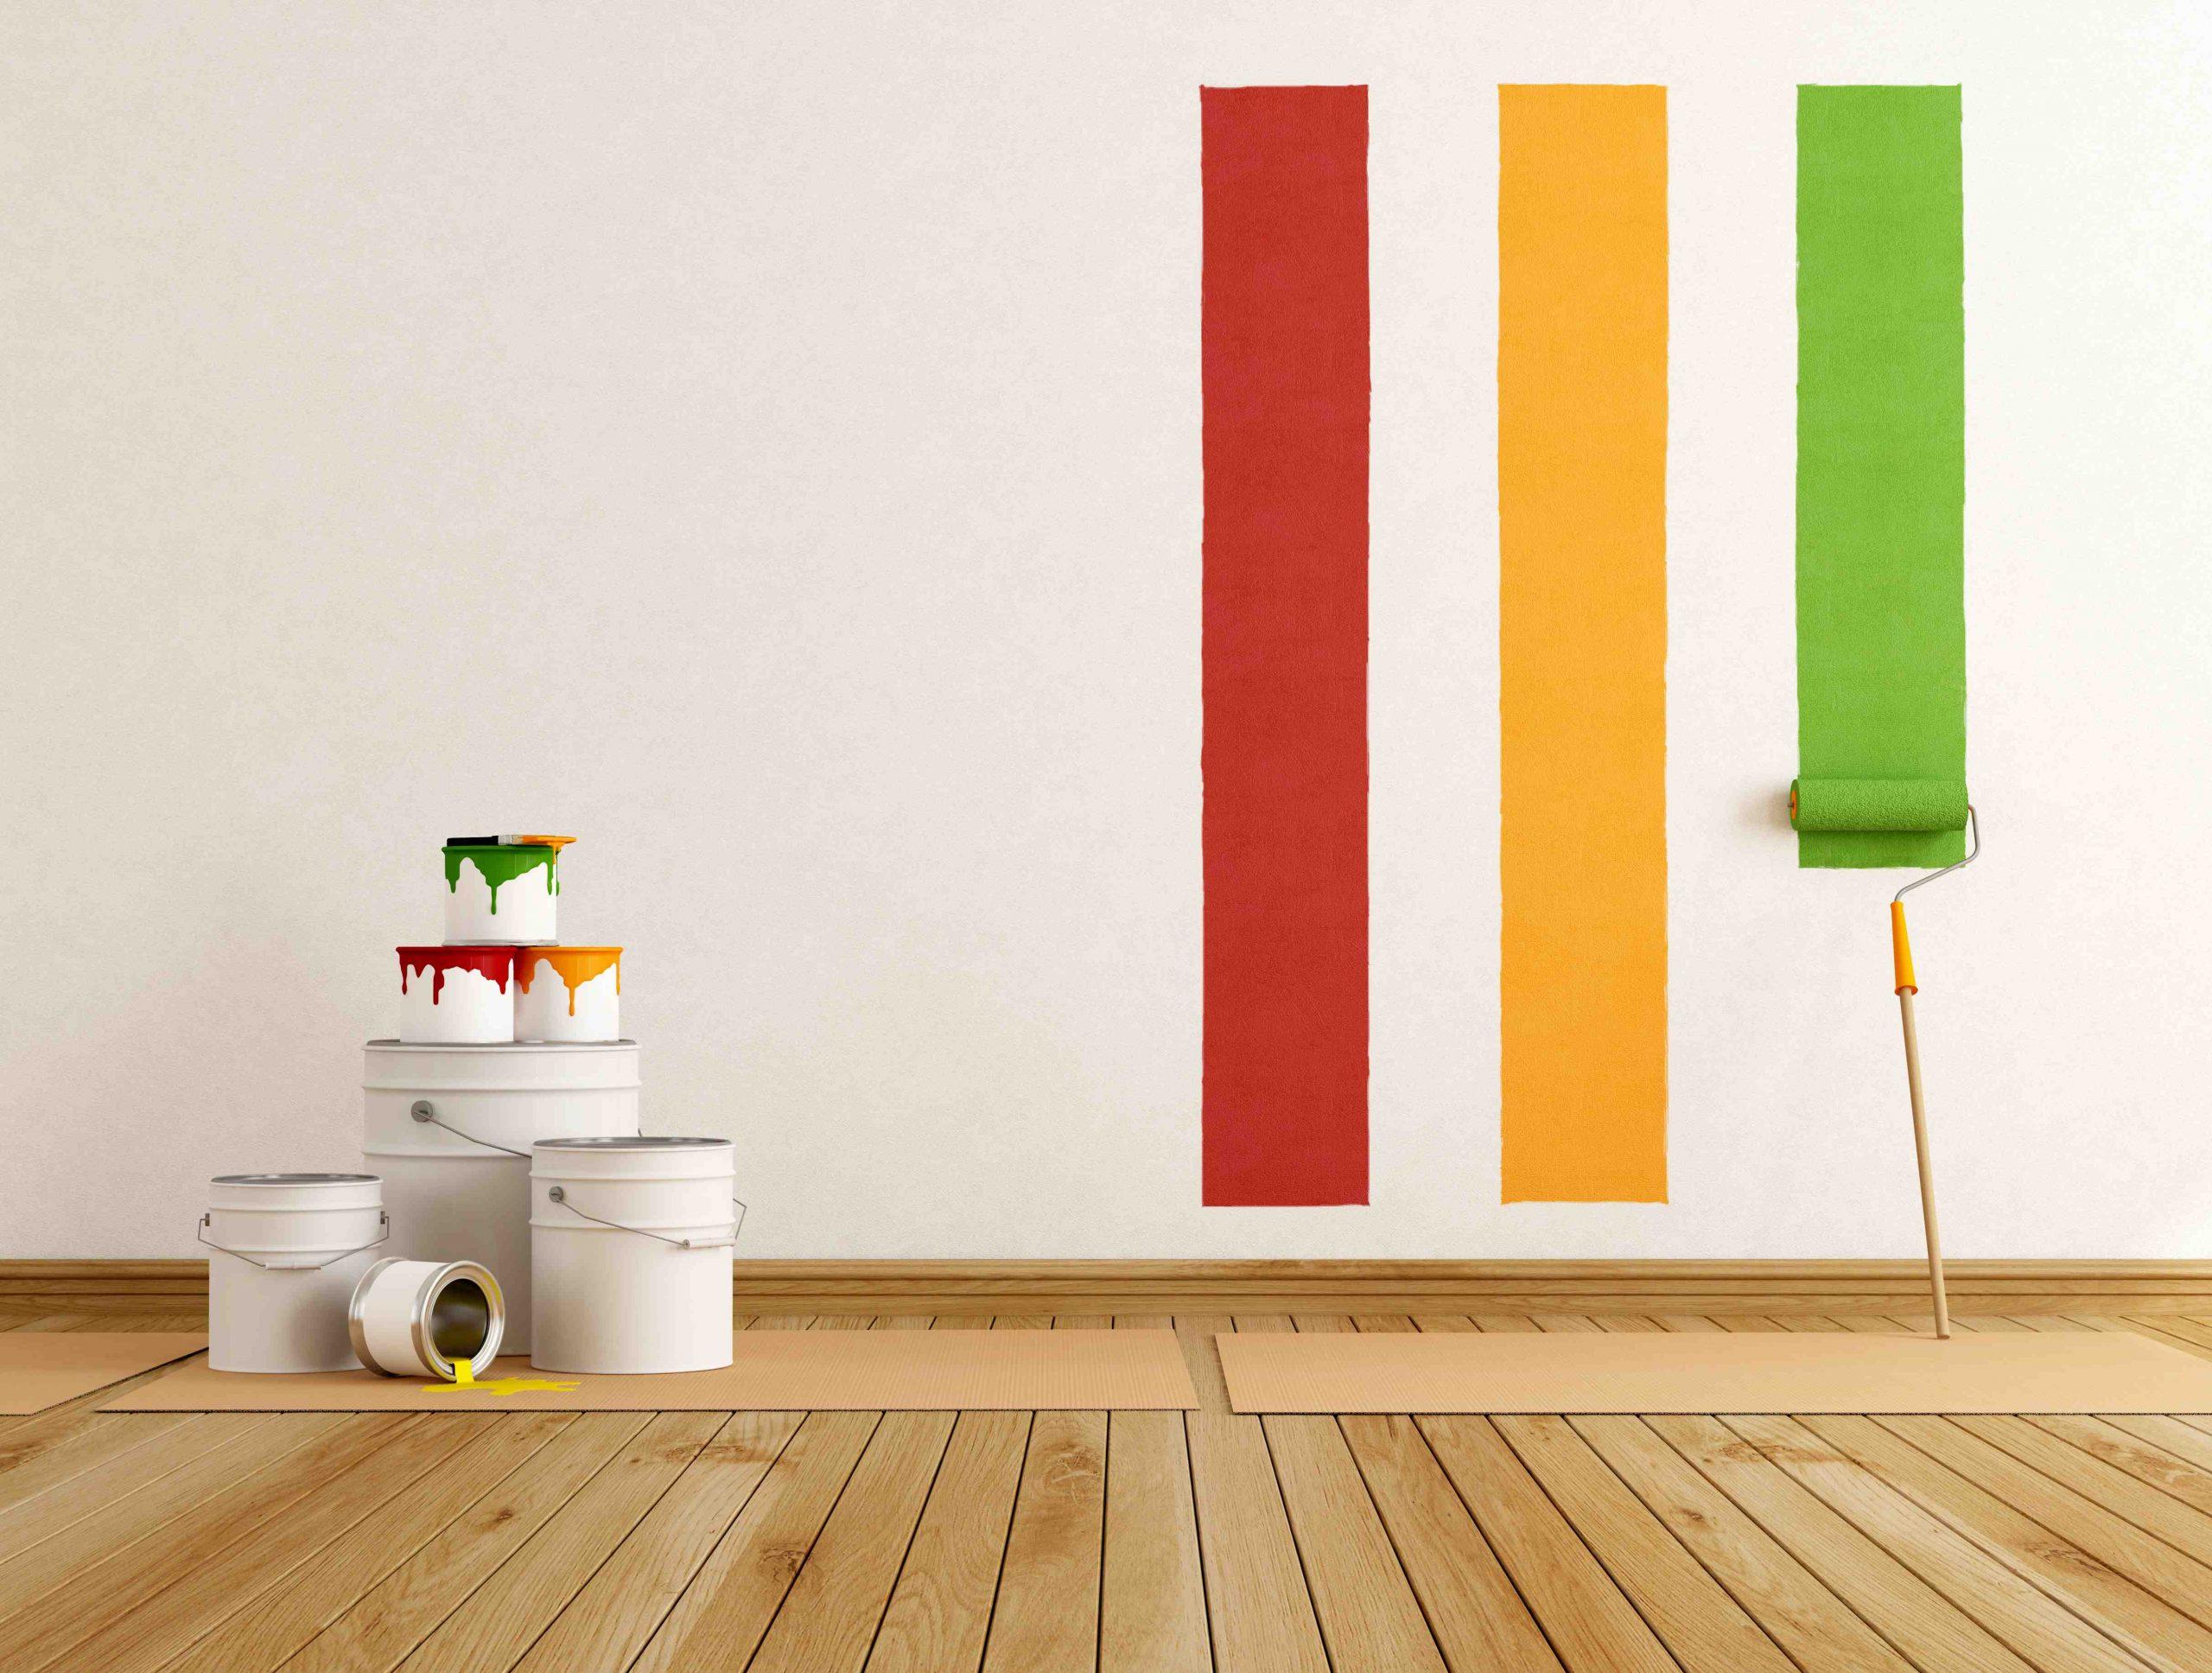 Comment choisir une peinture acrylique ?